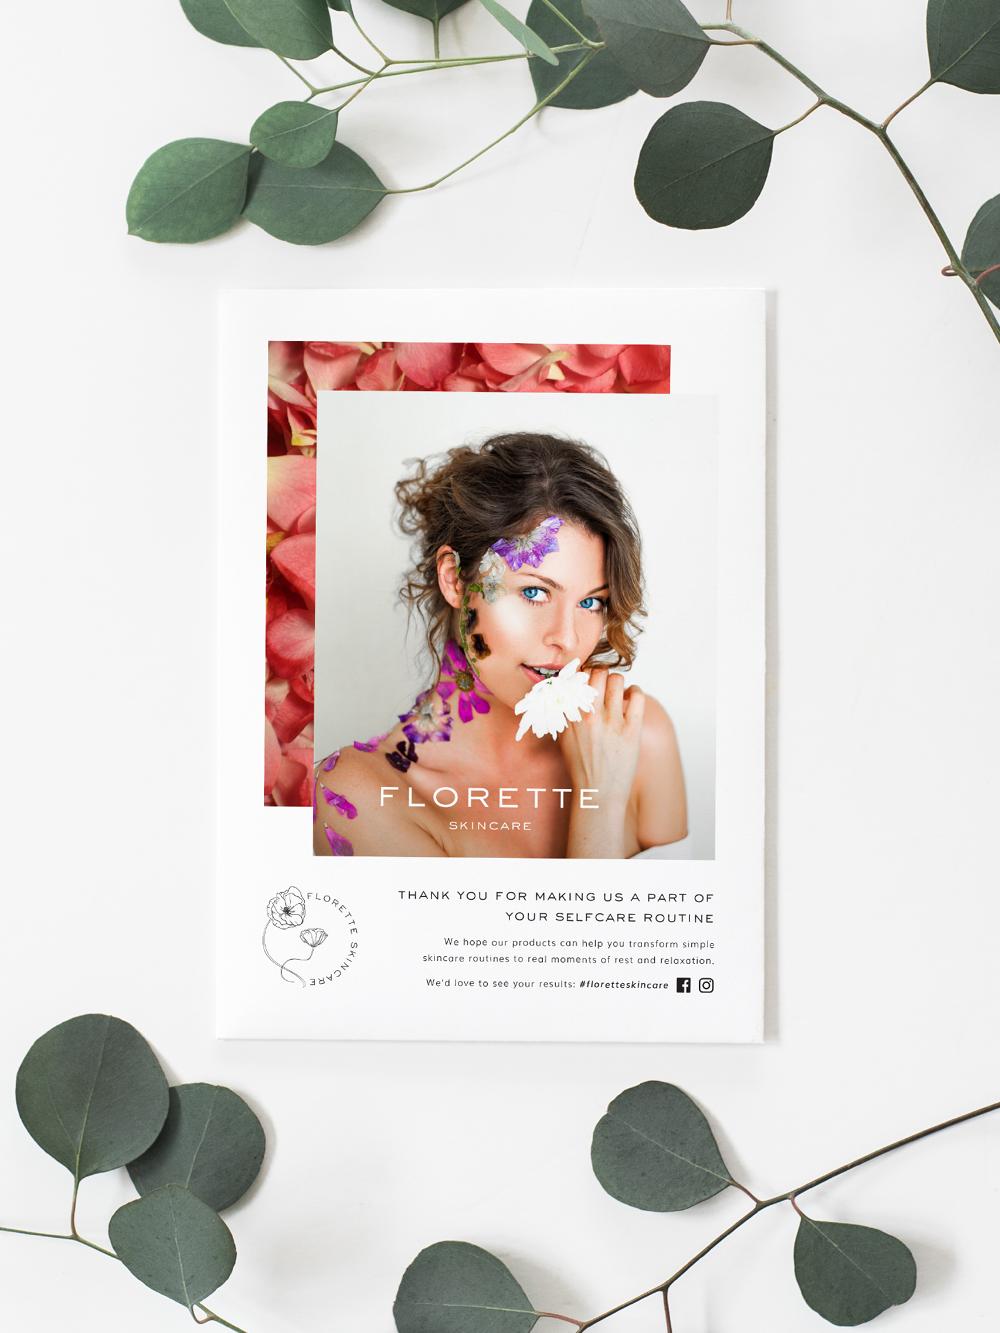 Florette_Skincare2.png